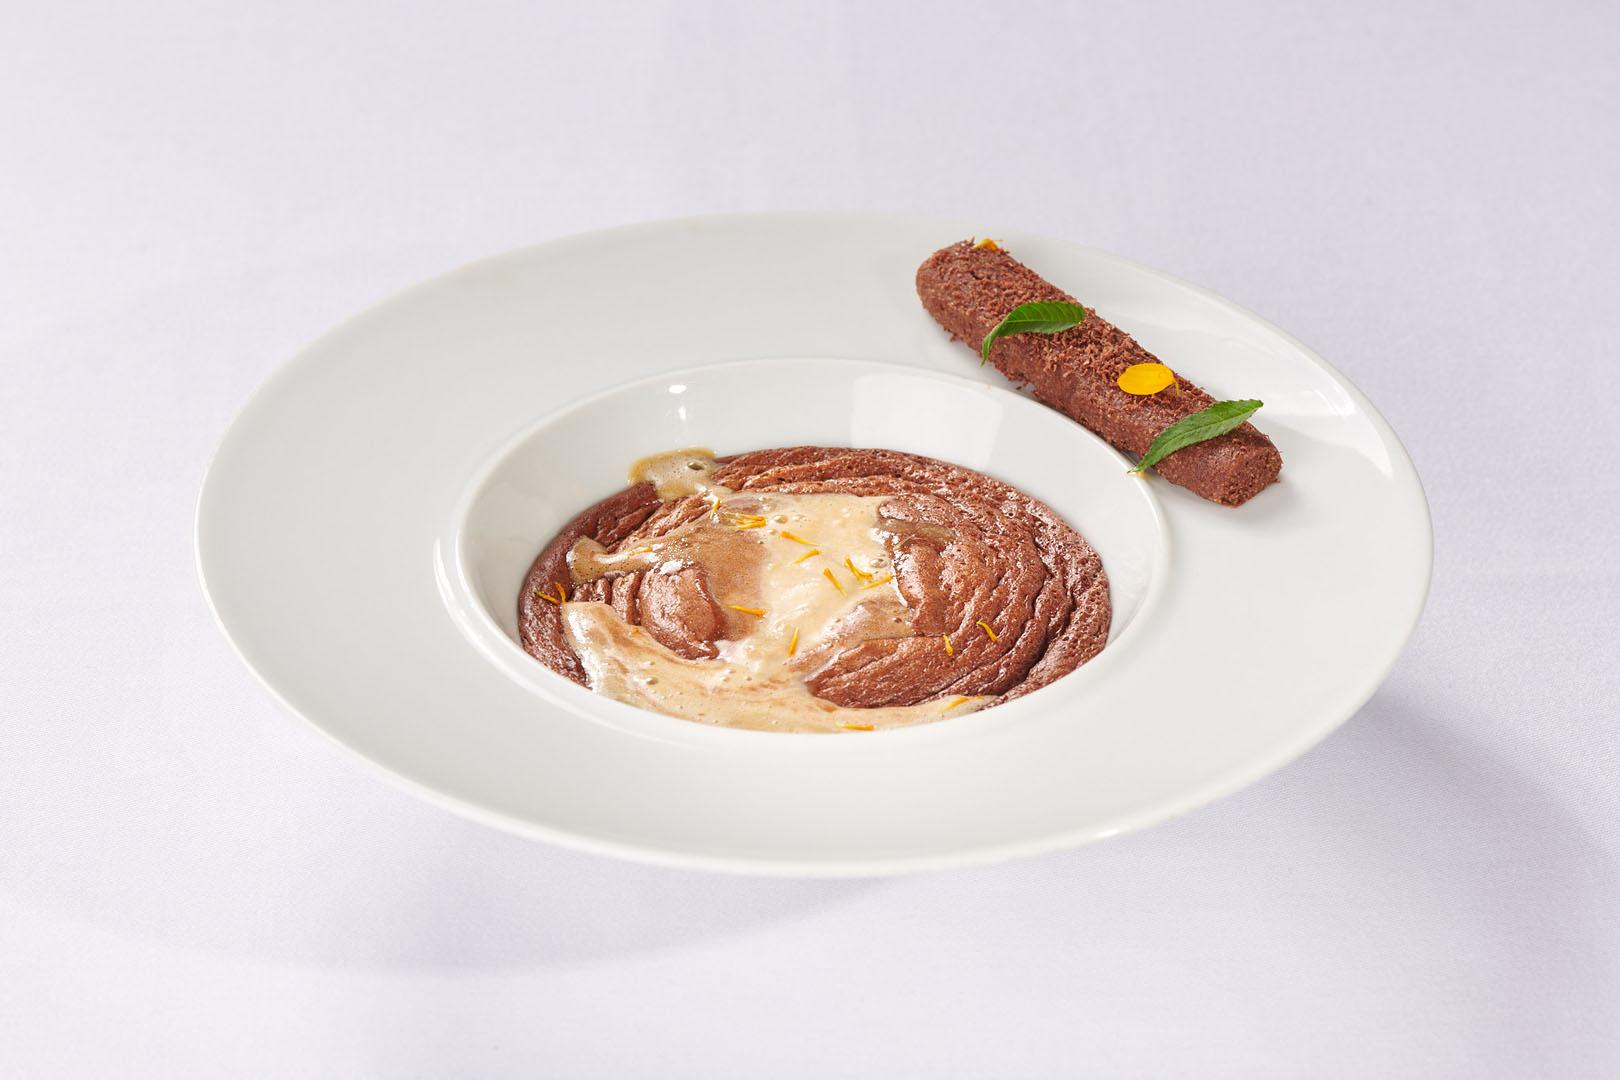 assiette dessert Le Chocolat